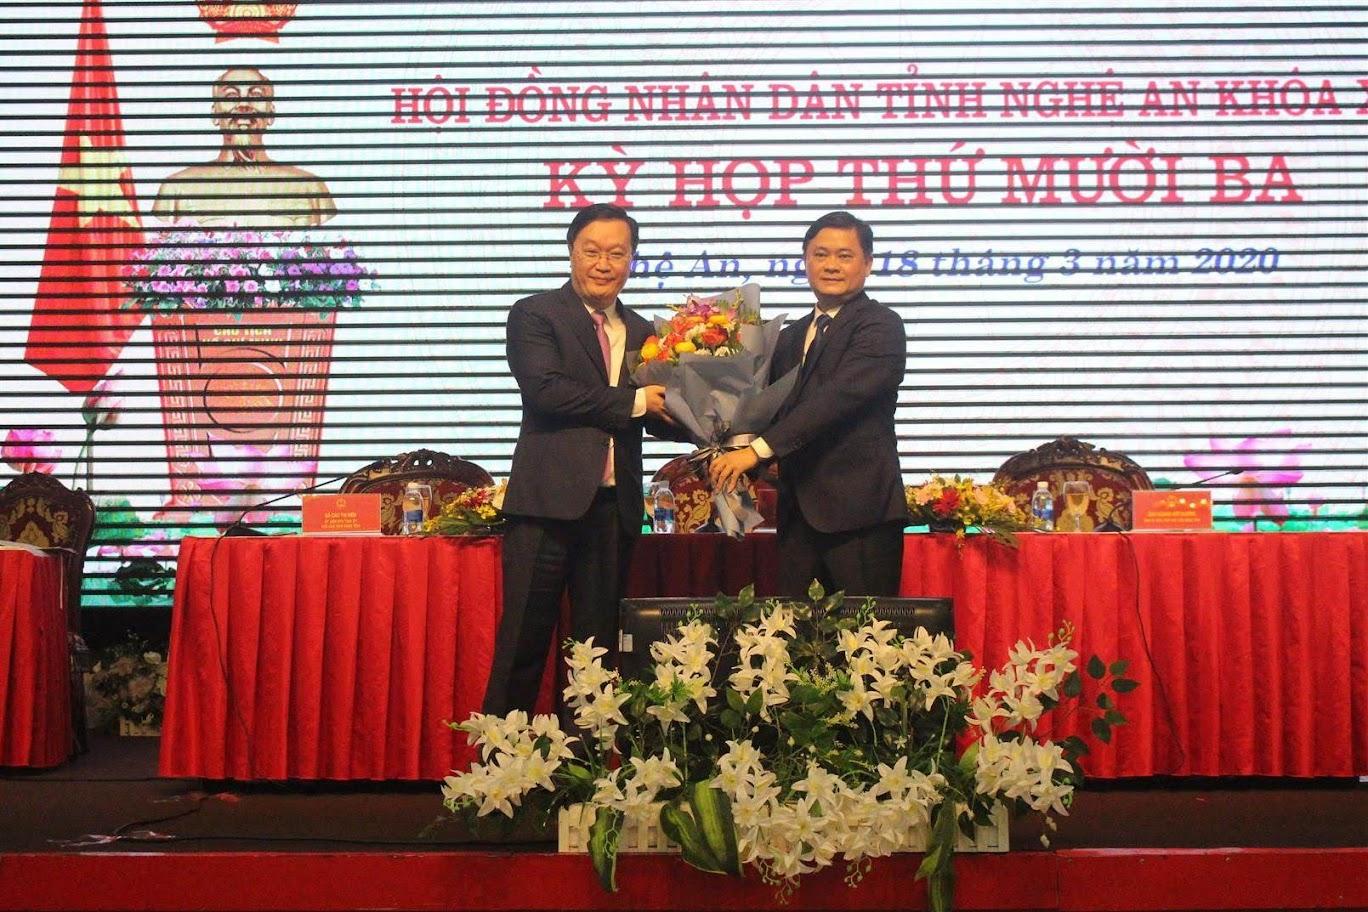 Ông Thái Thanh Quý, Bí thư Tỉnh ủy tặng hoa chúc mừng ông Nguyễn Đức Trung